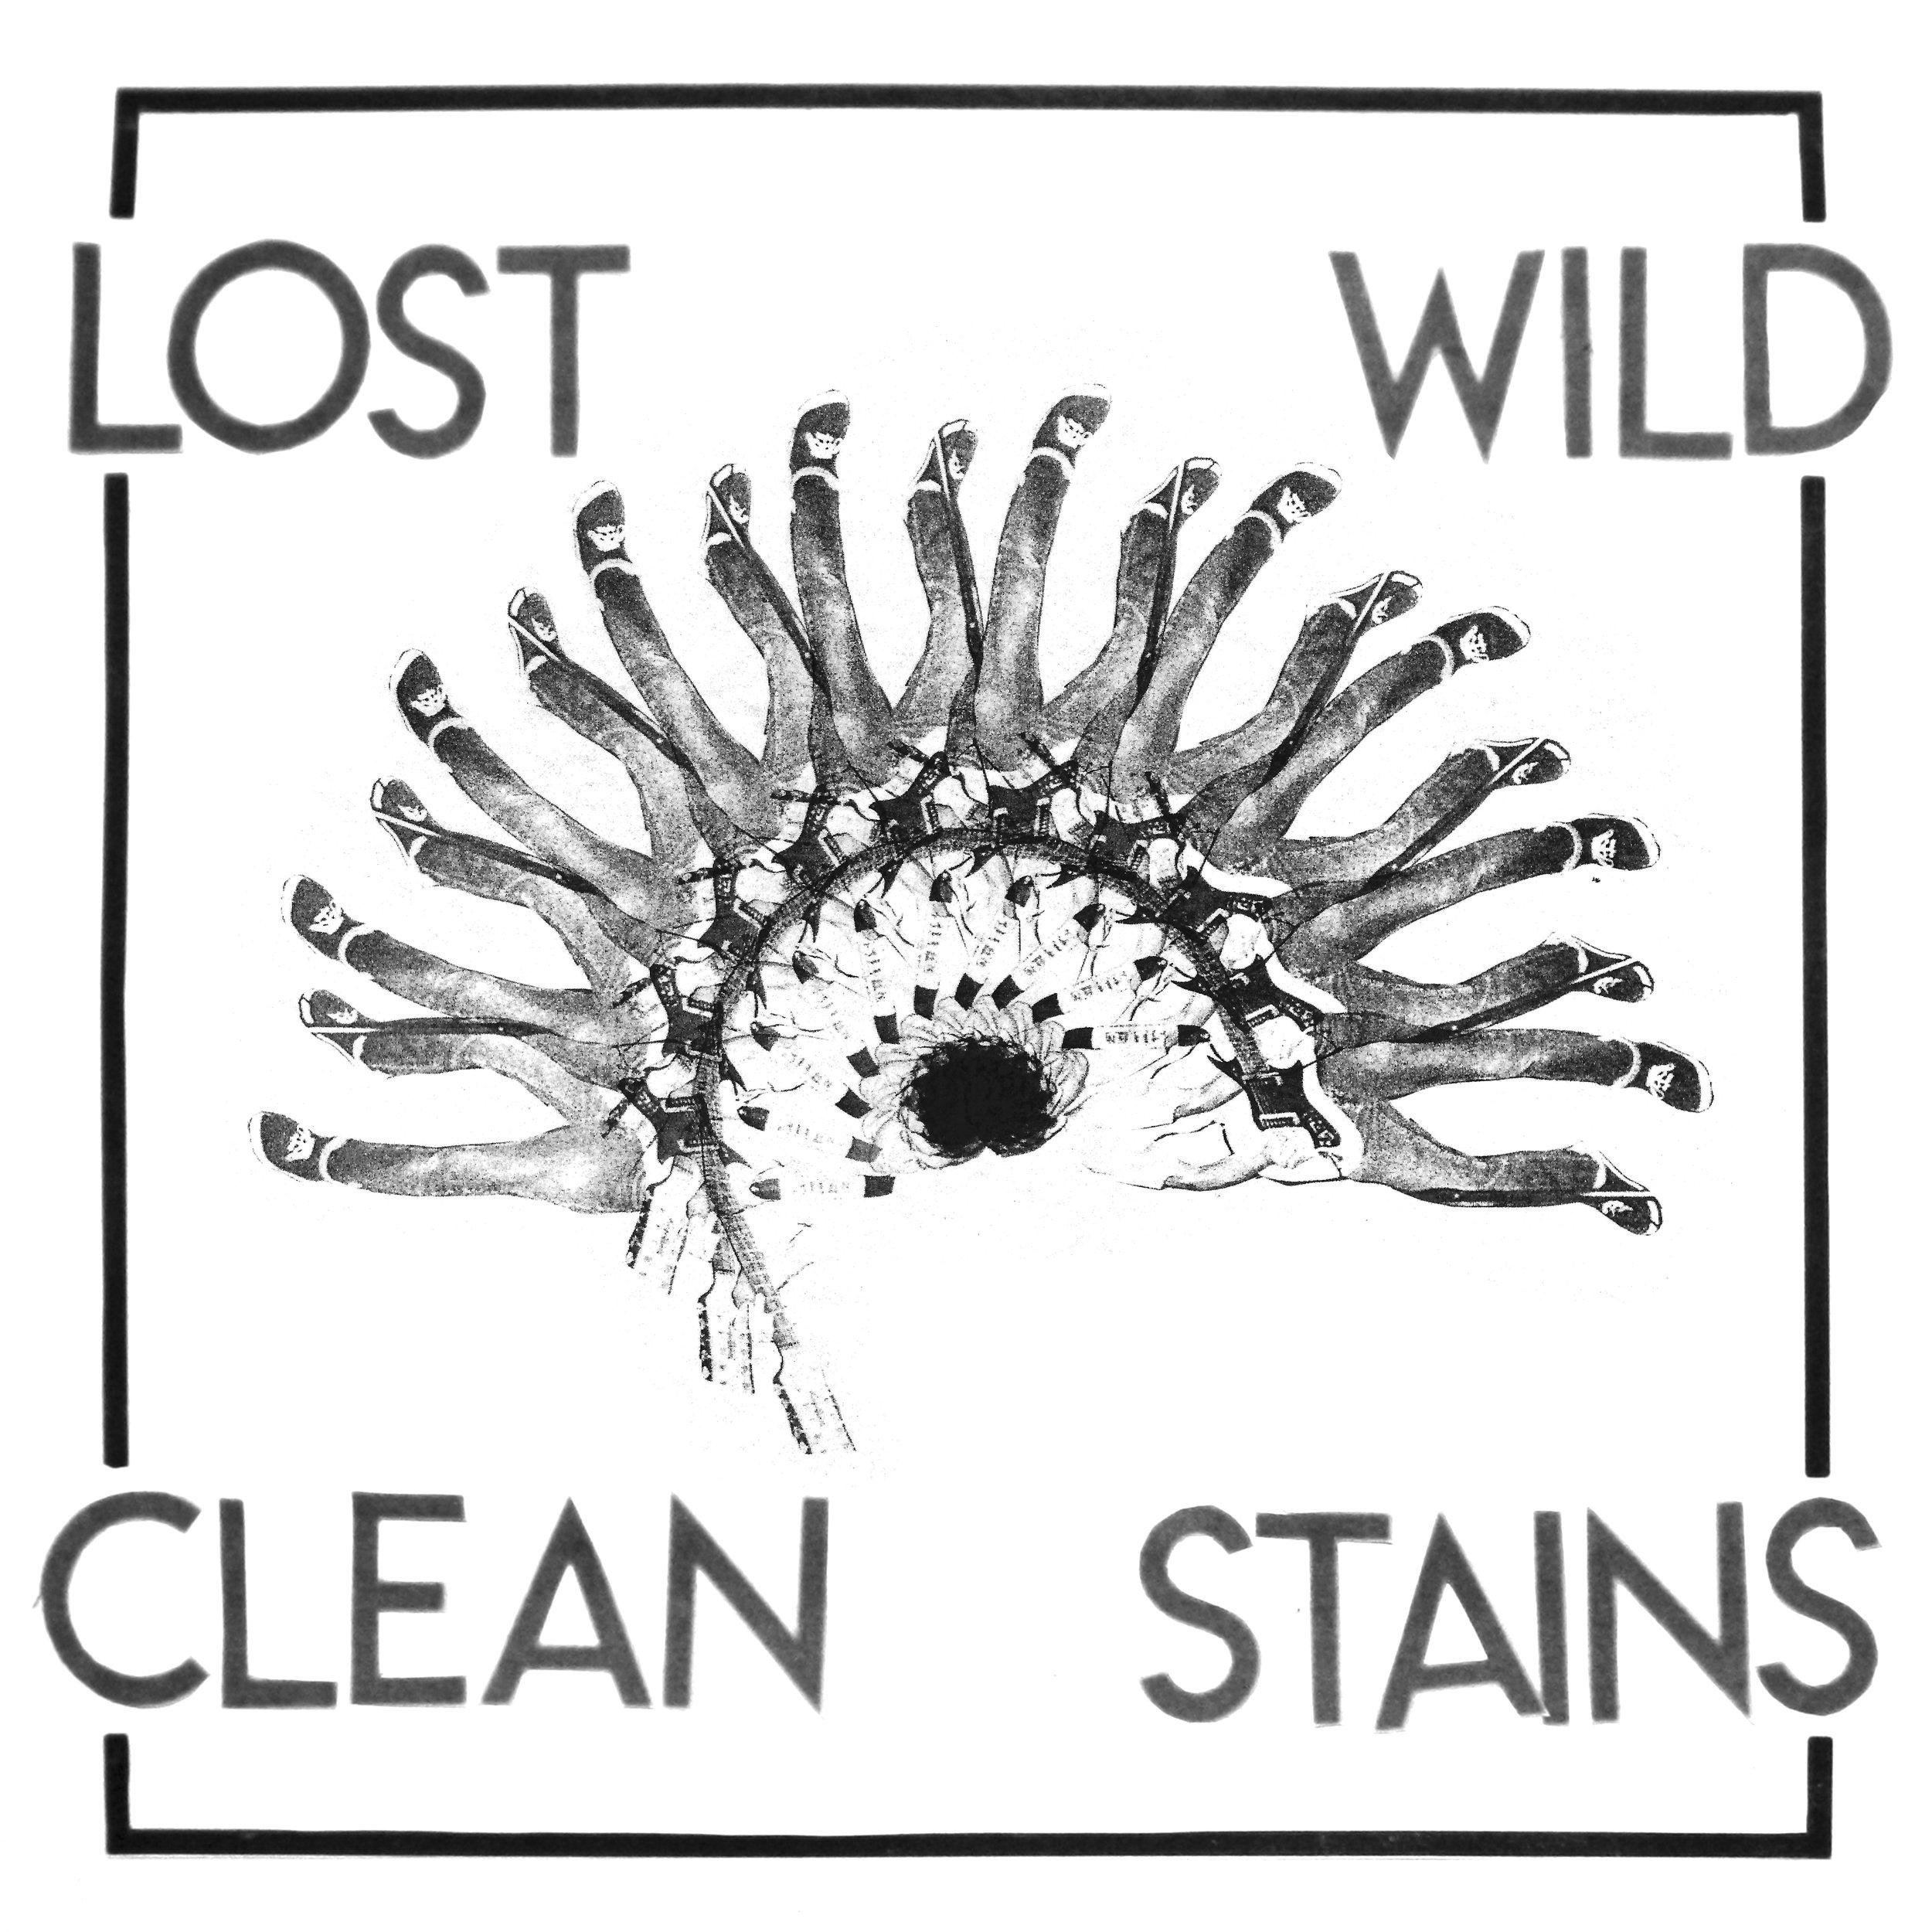 Lost Wild Cover Art Version 2 Best.jpg